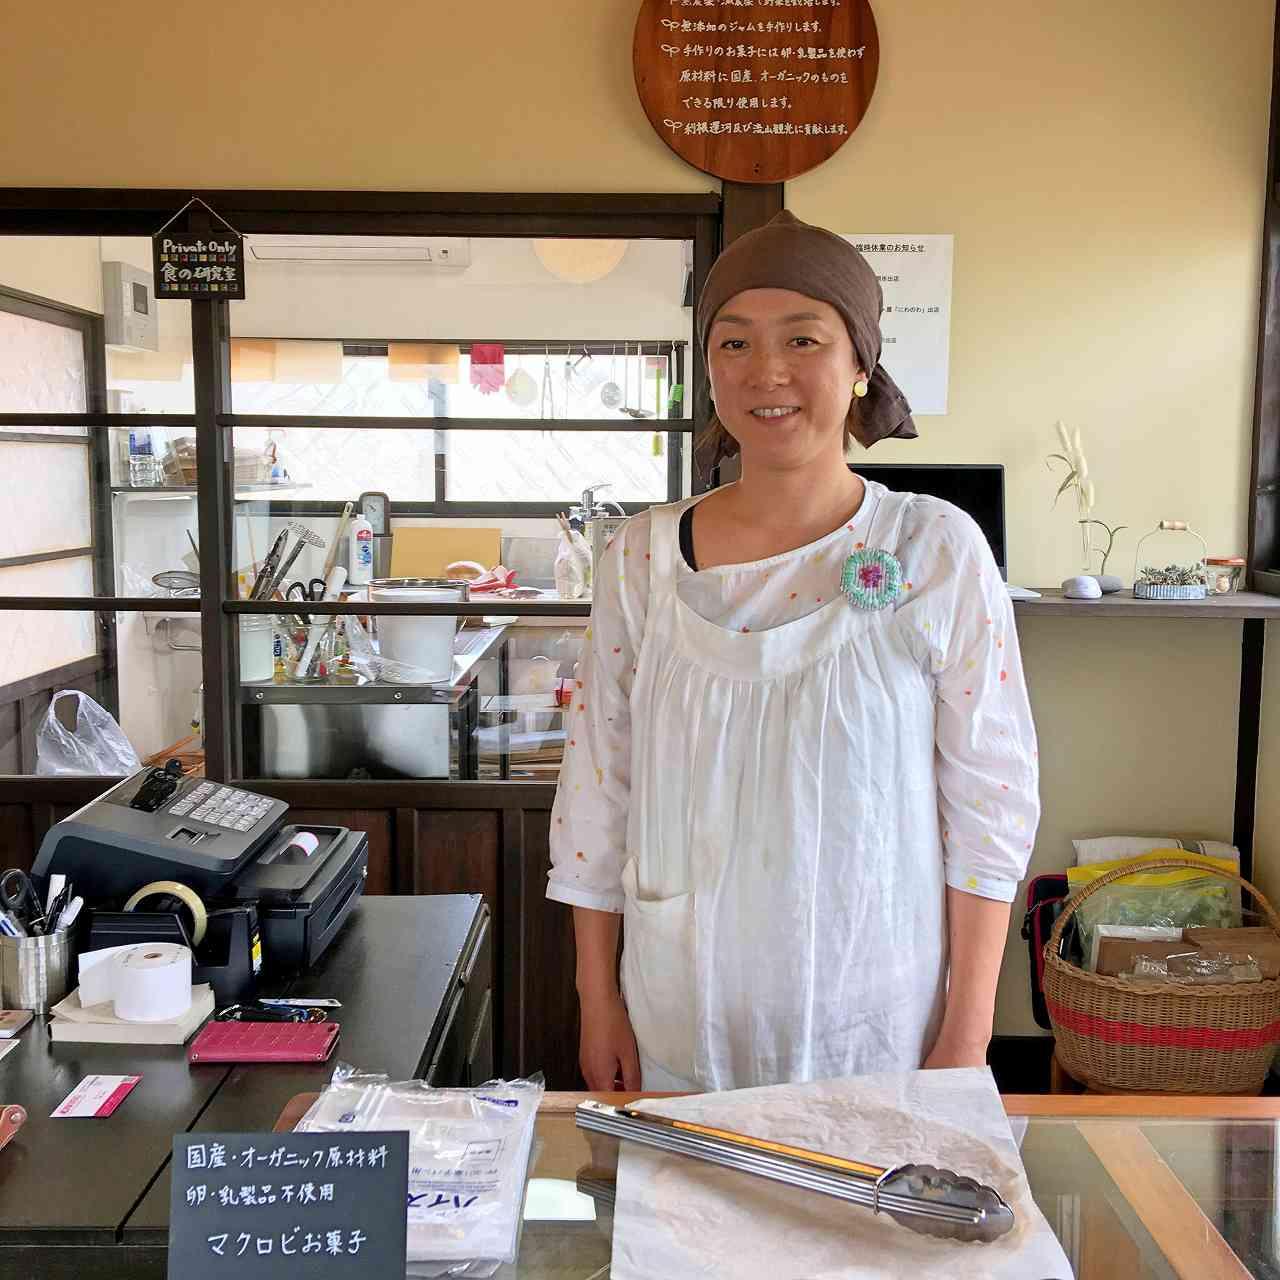 利根運河近くの農園に開店の直売所「ido」でマクロビお菓子を。朝ヨガ&朝食のイベントも